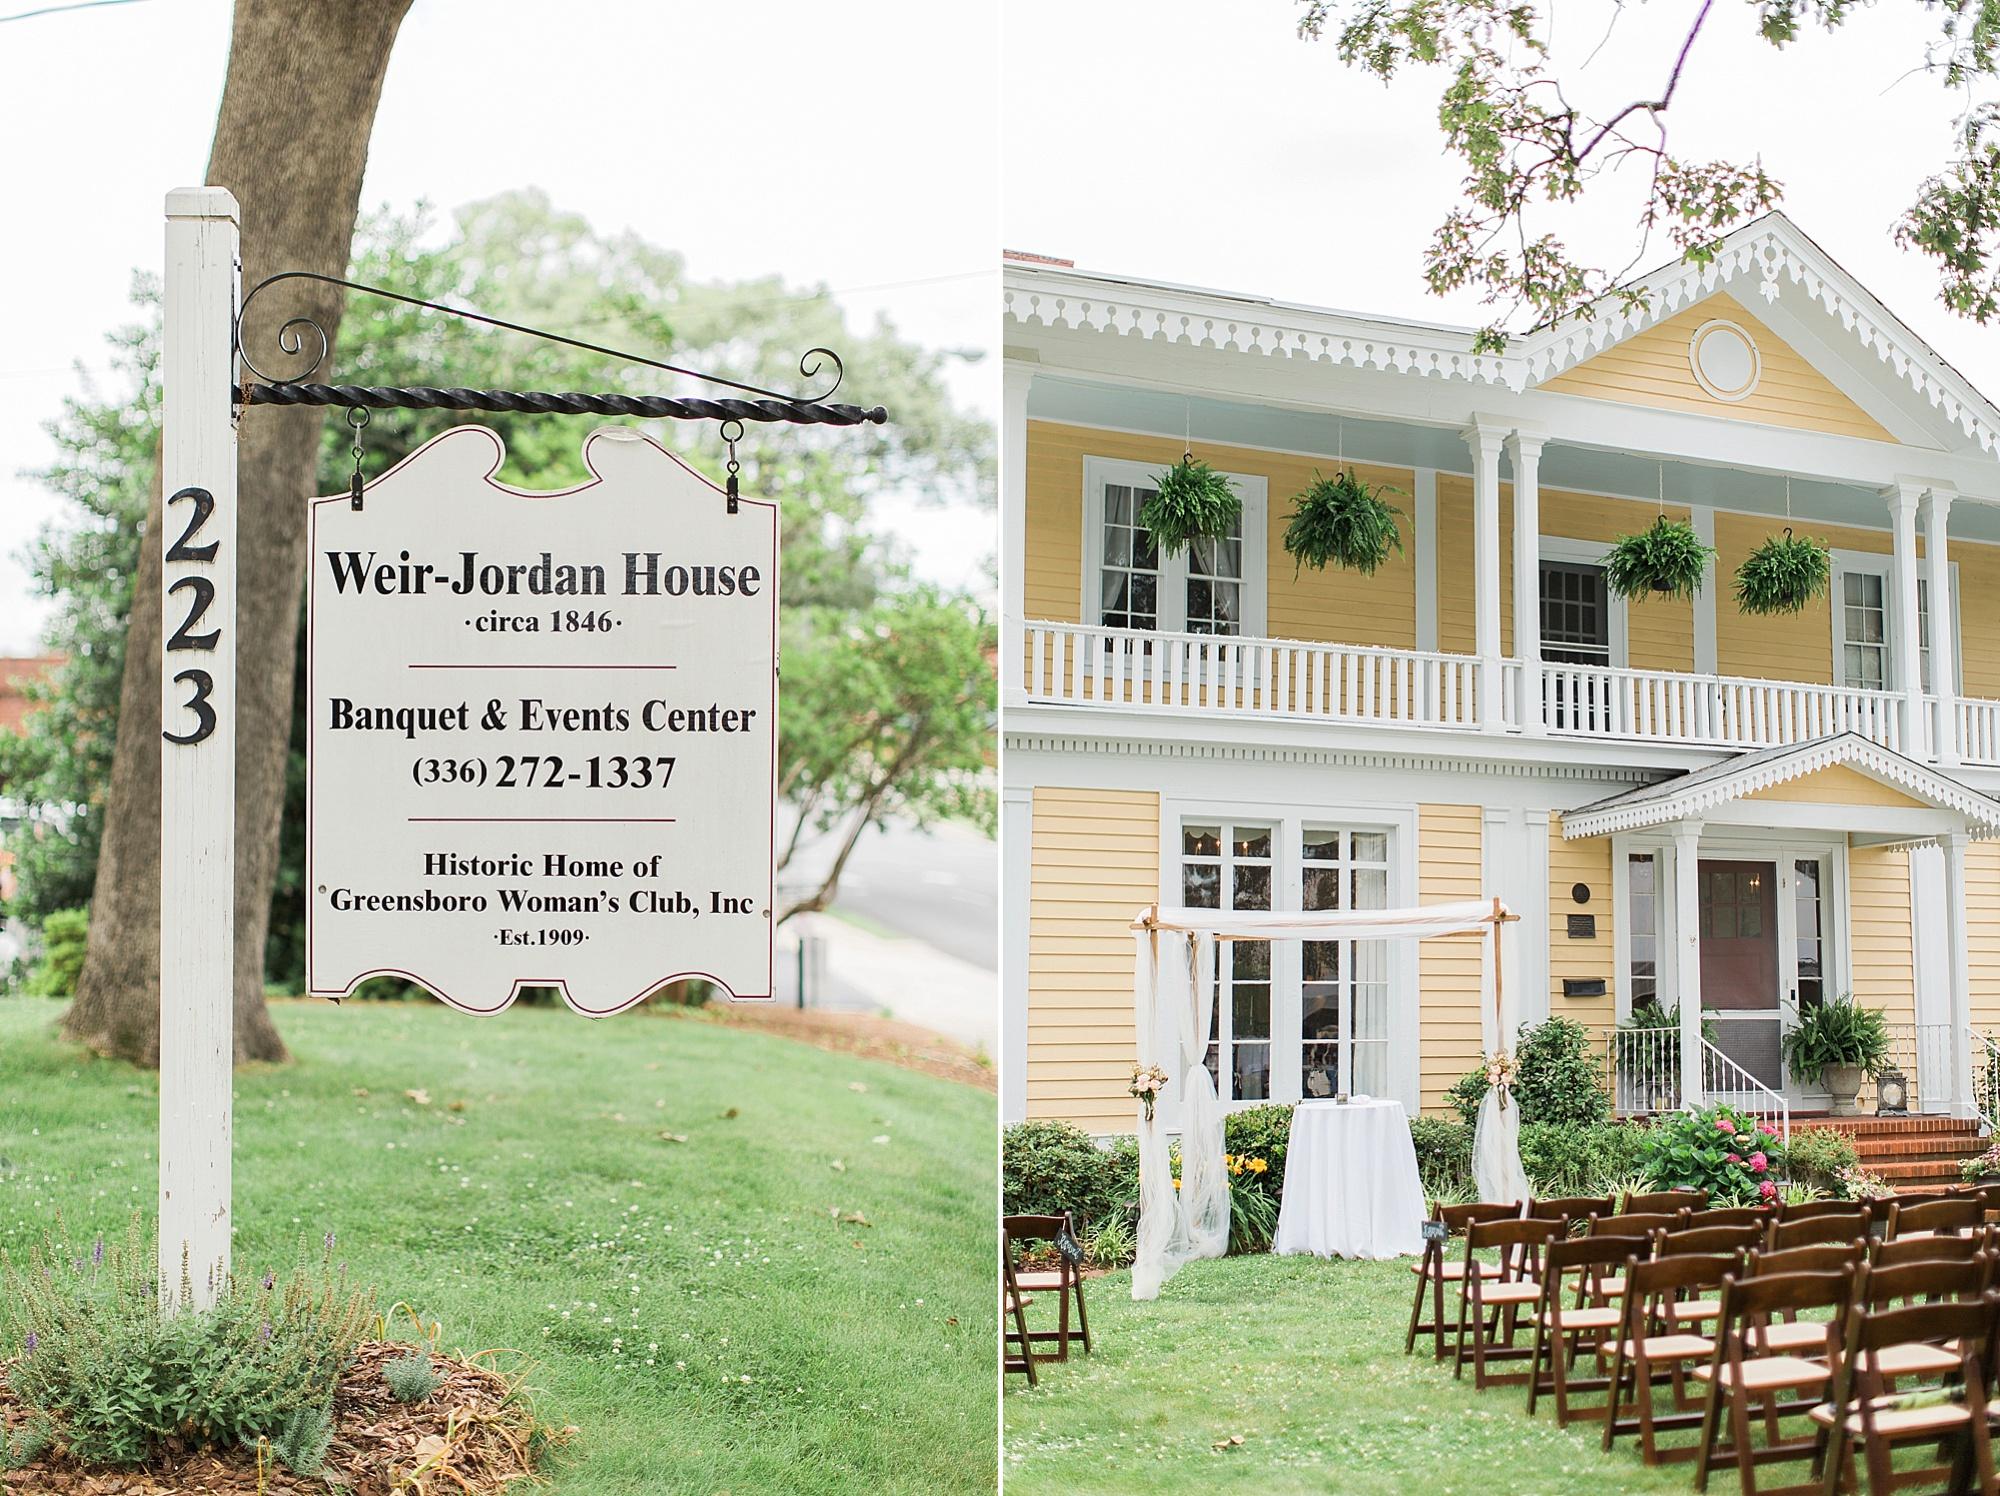 Weir-Jordan House